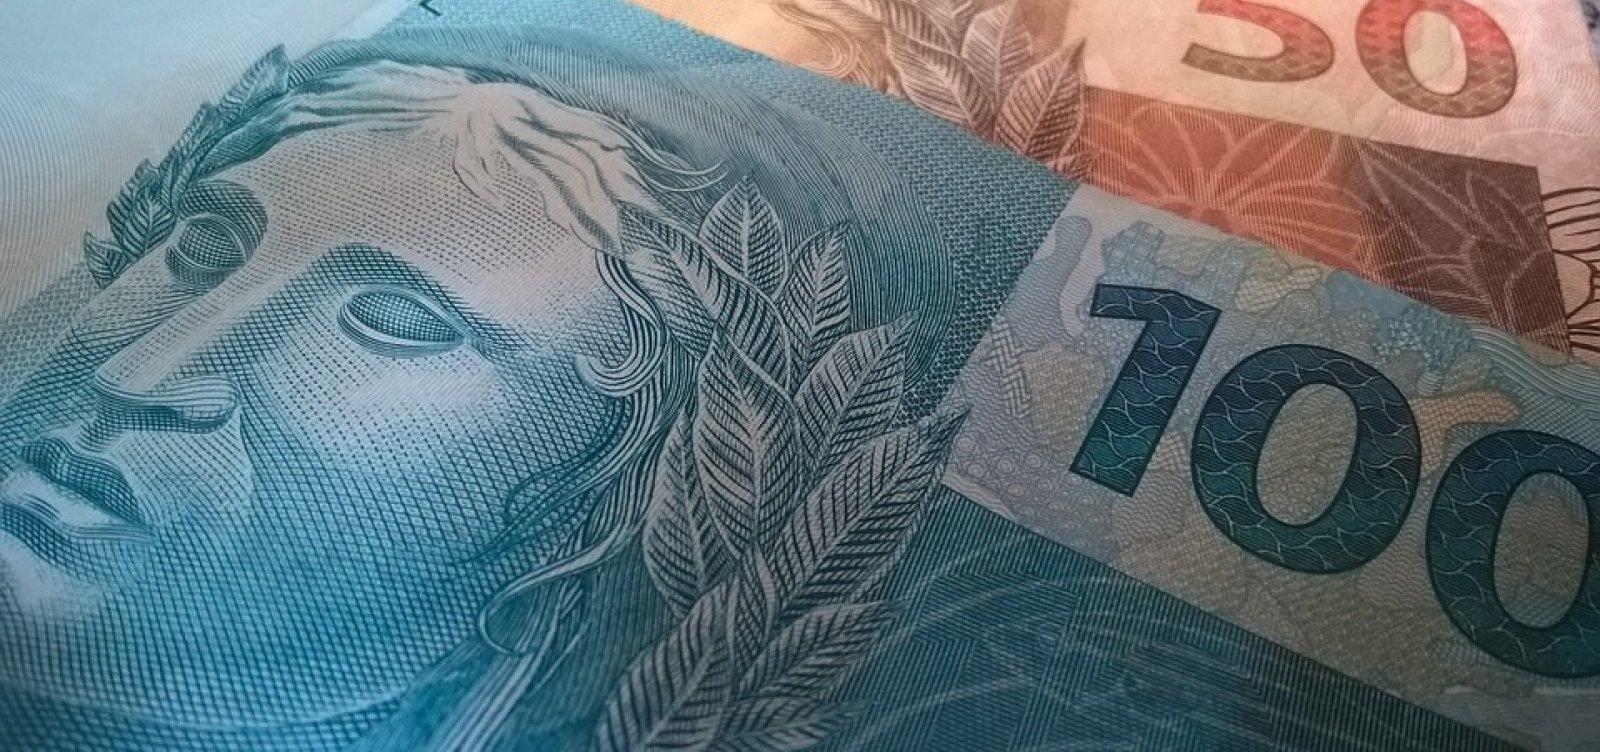 Brasil tem 'risco elevado' de romper teto de gastos em 2021, diz IFI